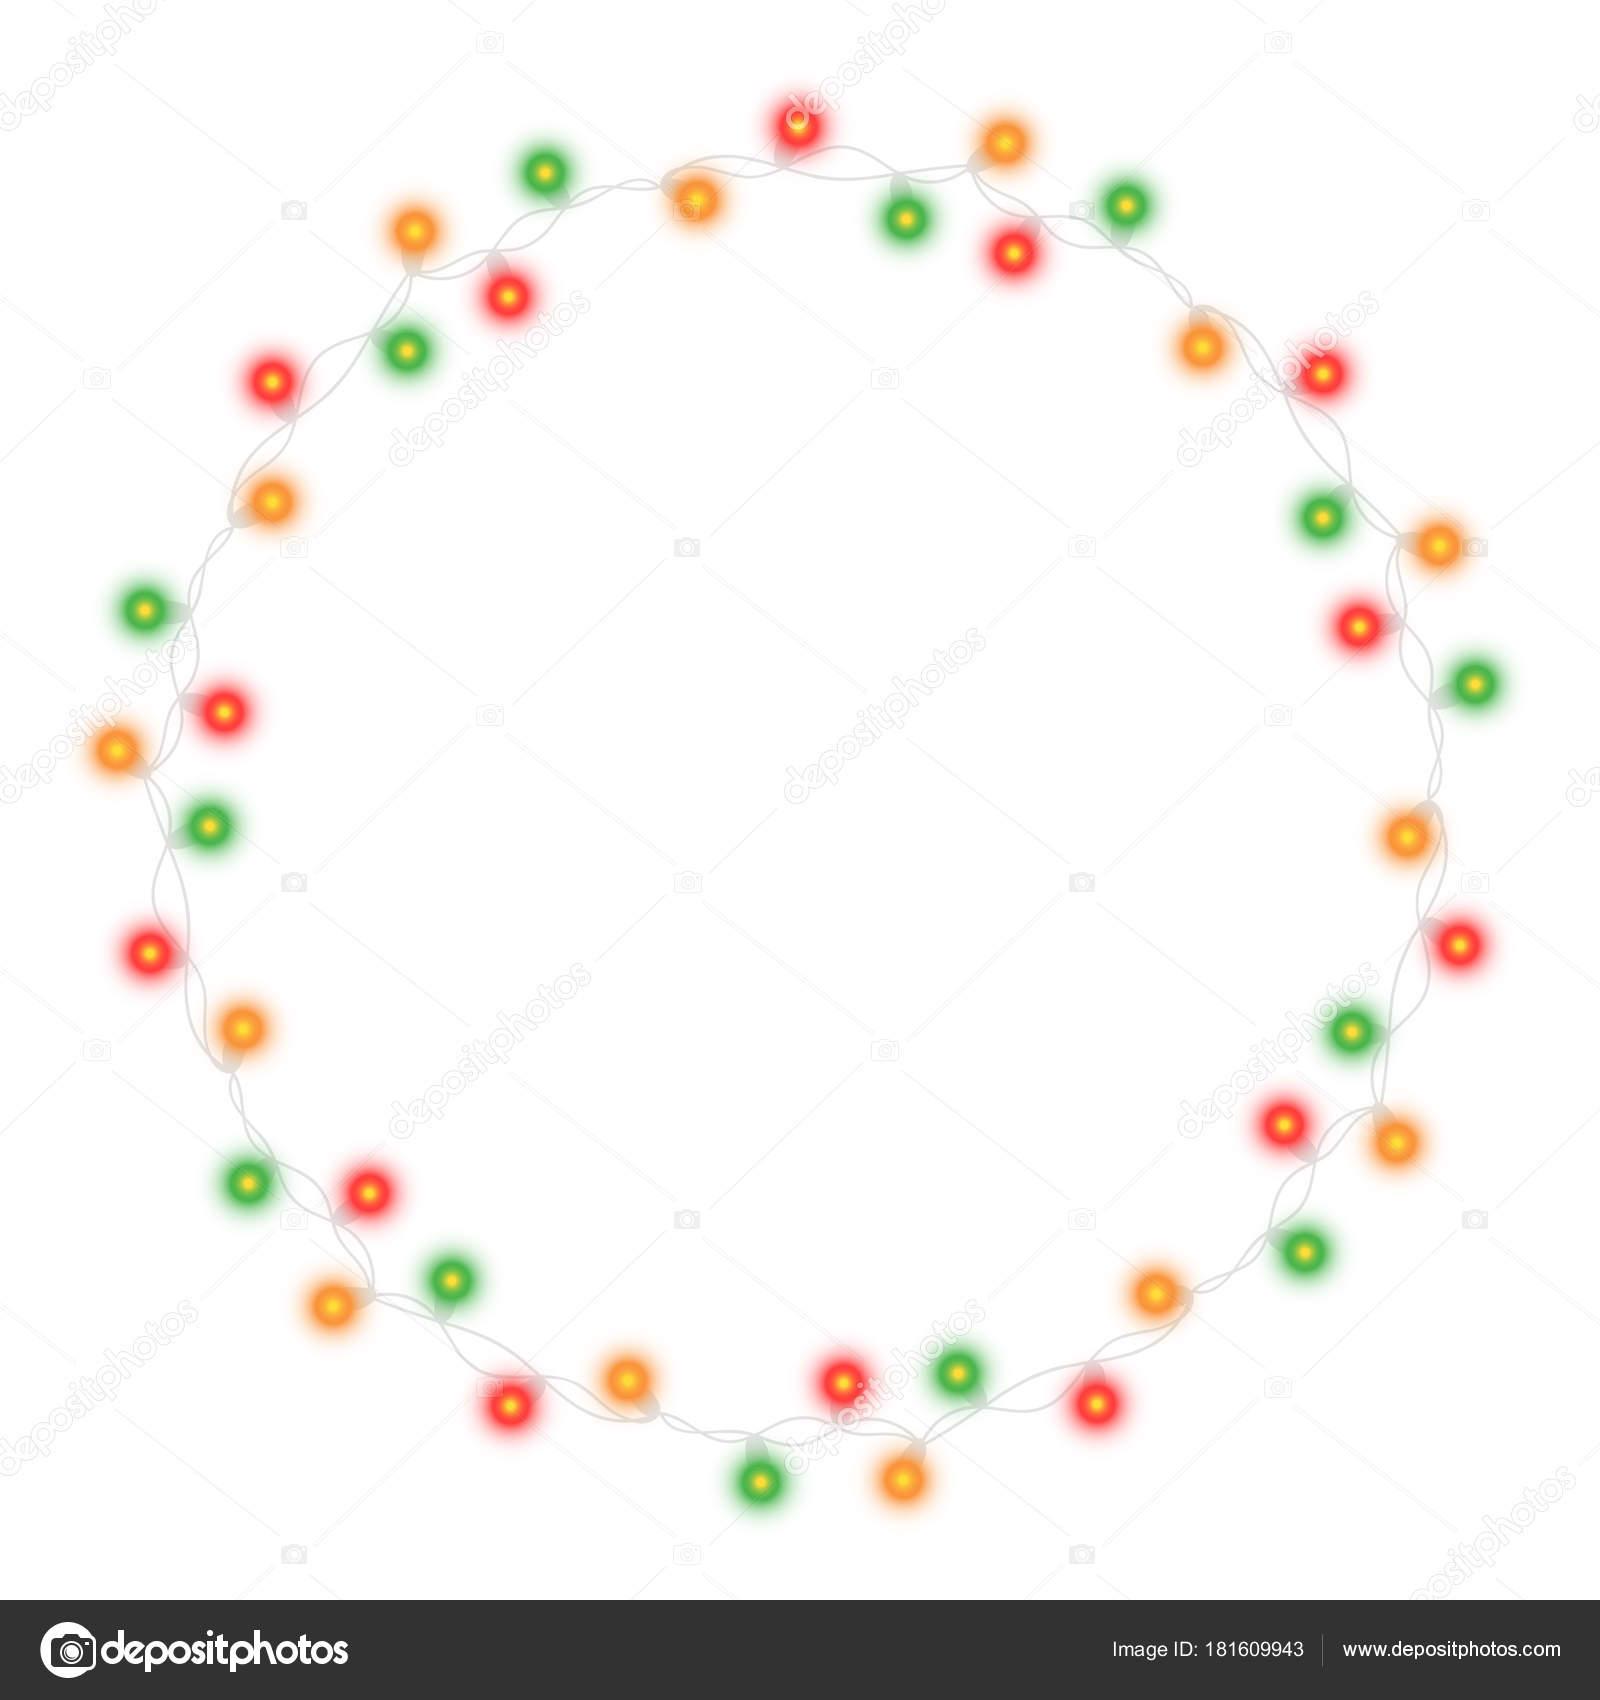 a4b4b34f34b Árbol de Navidad luz cadena garland marco y texto espacio aislado sobre  fondo oscuro. Ilustración vectorial realista decoración de fiesta de año  nuevo con ...